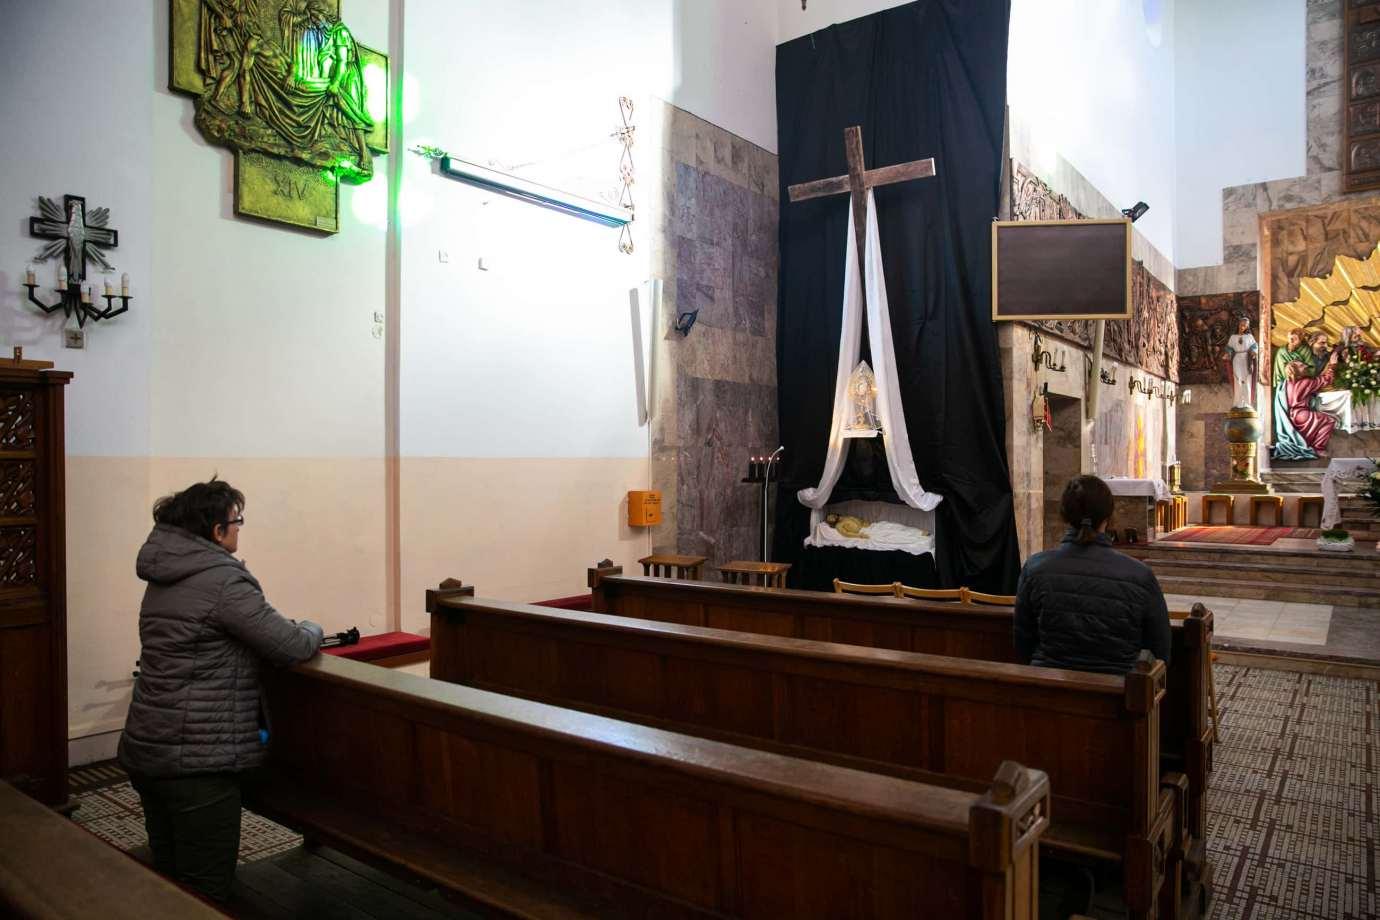 parafia pw swietego krzyza w zamosciu 5 Zdjęcia grobów pańskich w zamojskich świątyniach